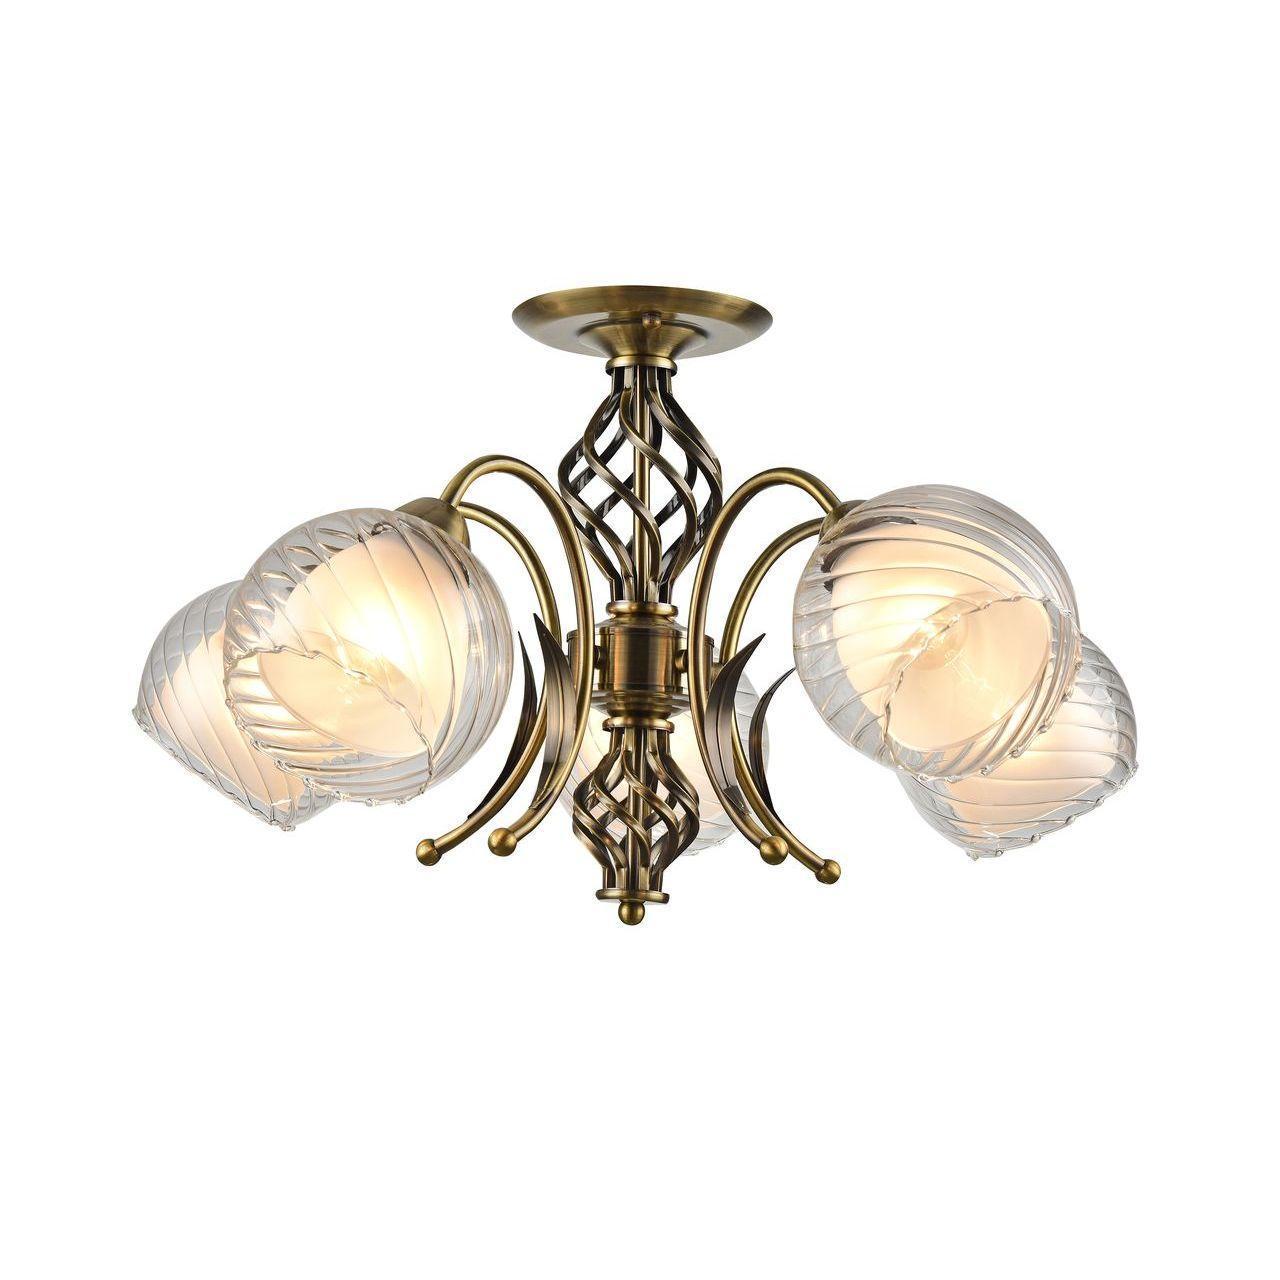 Люстра Arte Lamp Dolcemente A1607PL-5AB потолочная цена